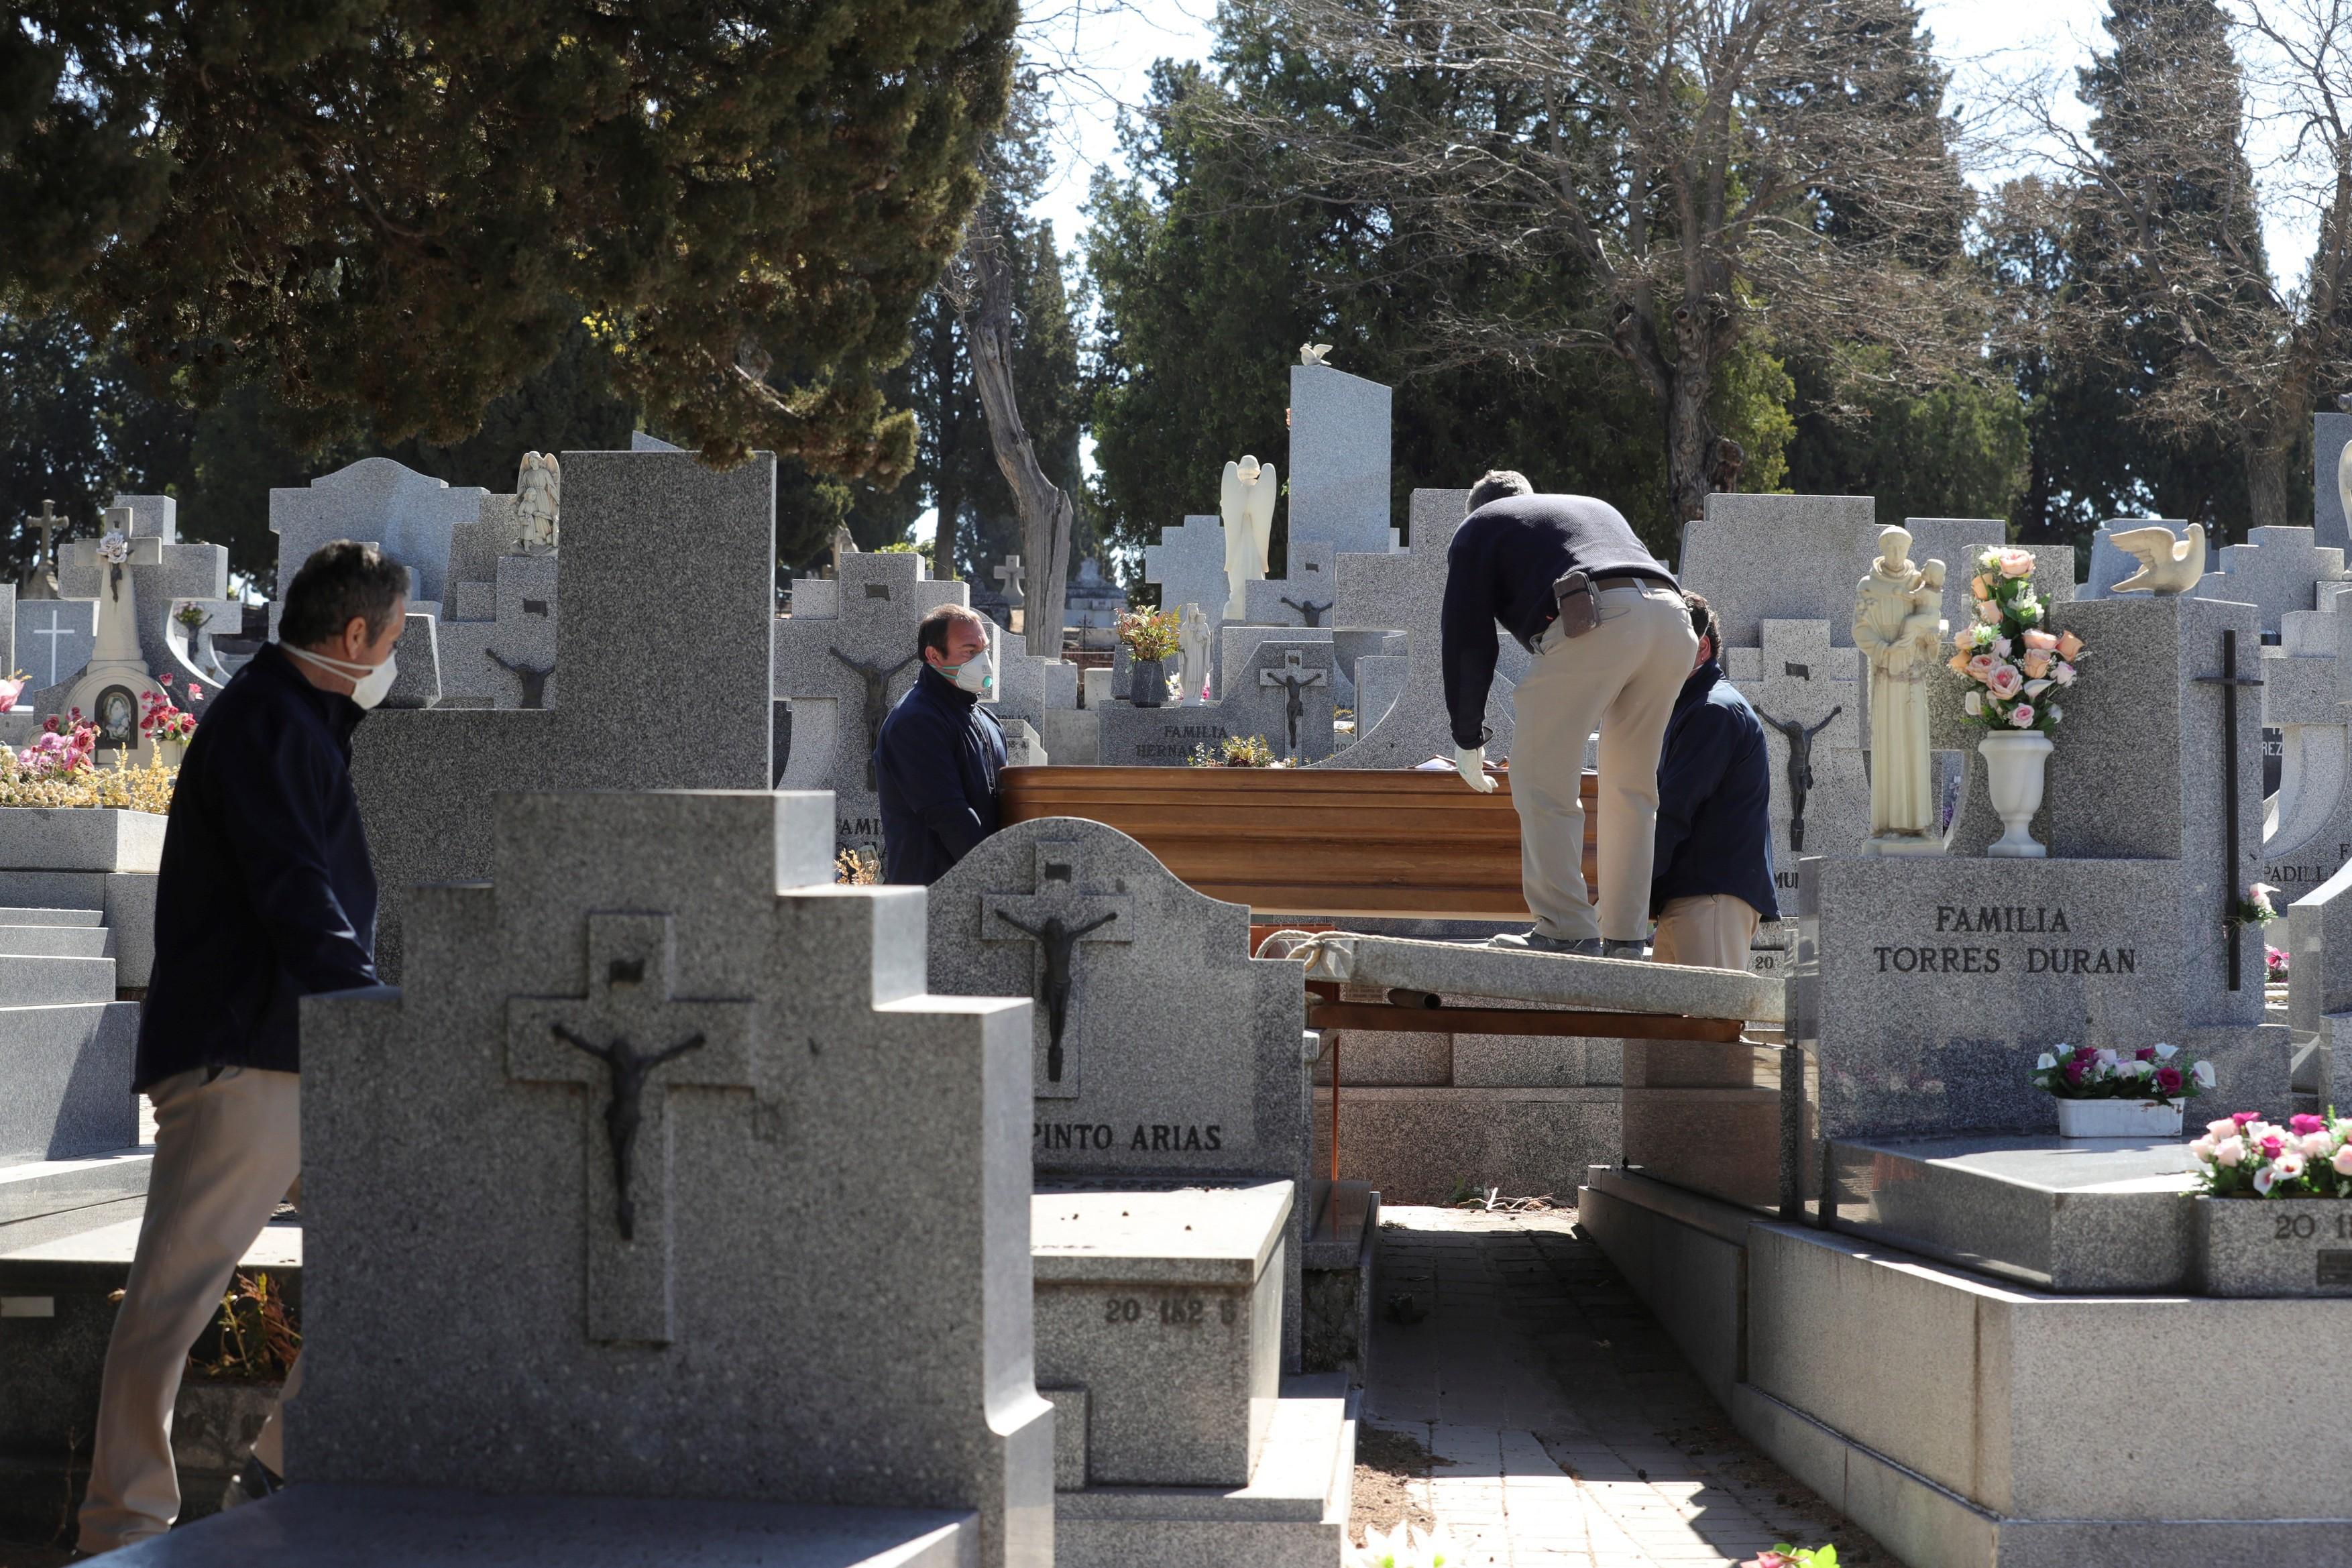 În perioada martie-mai, Spania a avut cu 43.000 de decese mai mult decât într-un an obişnuit